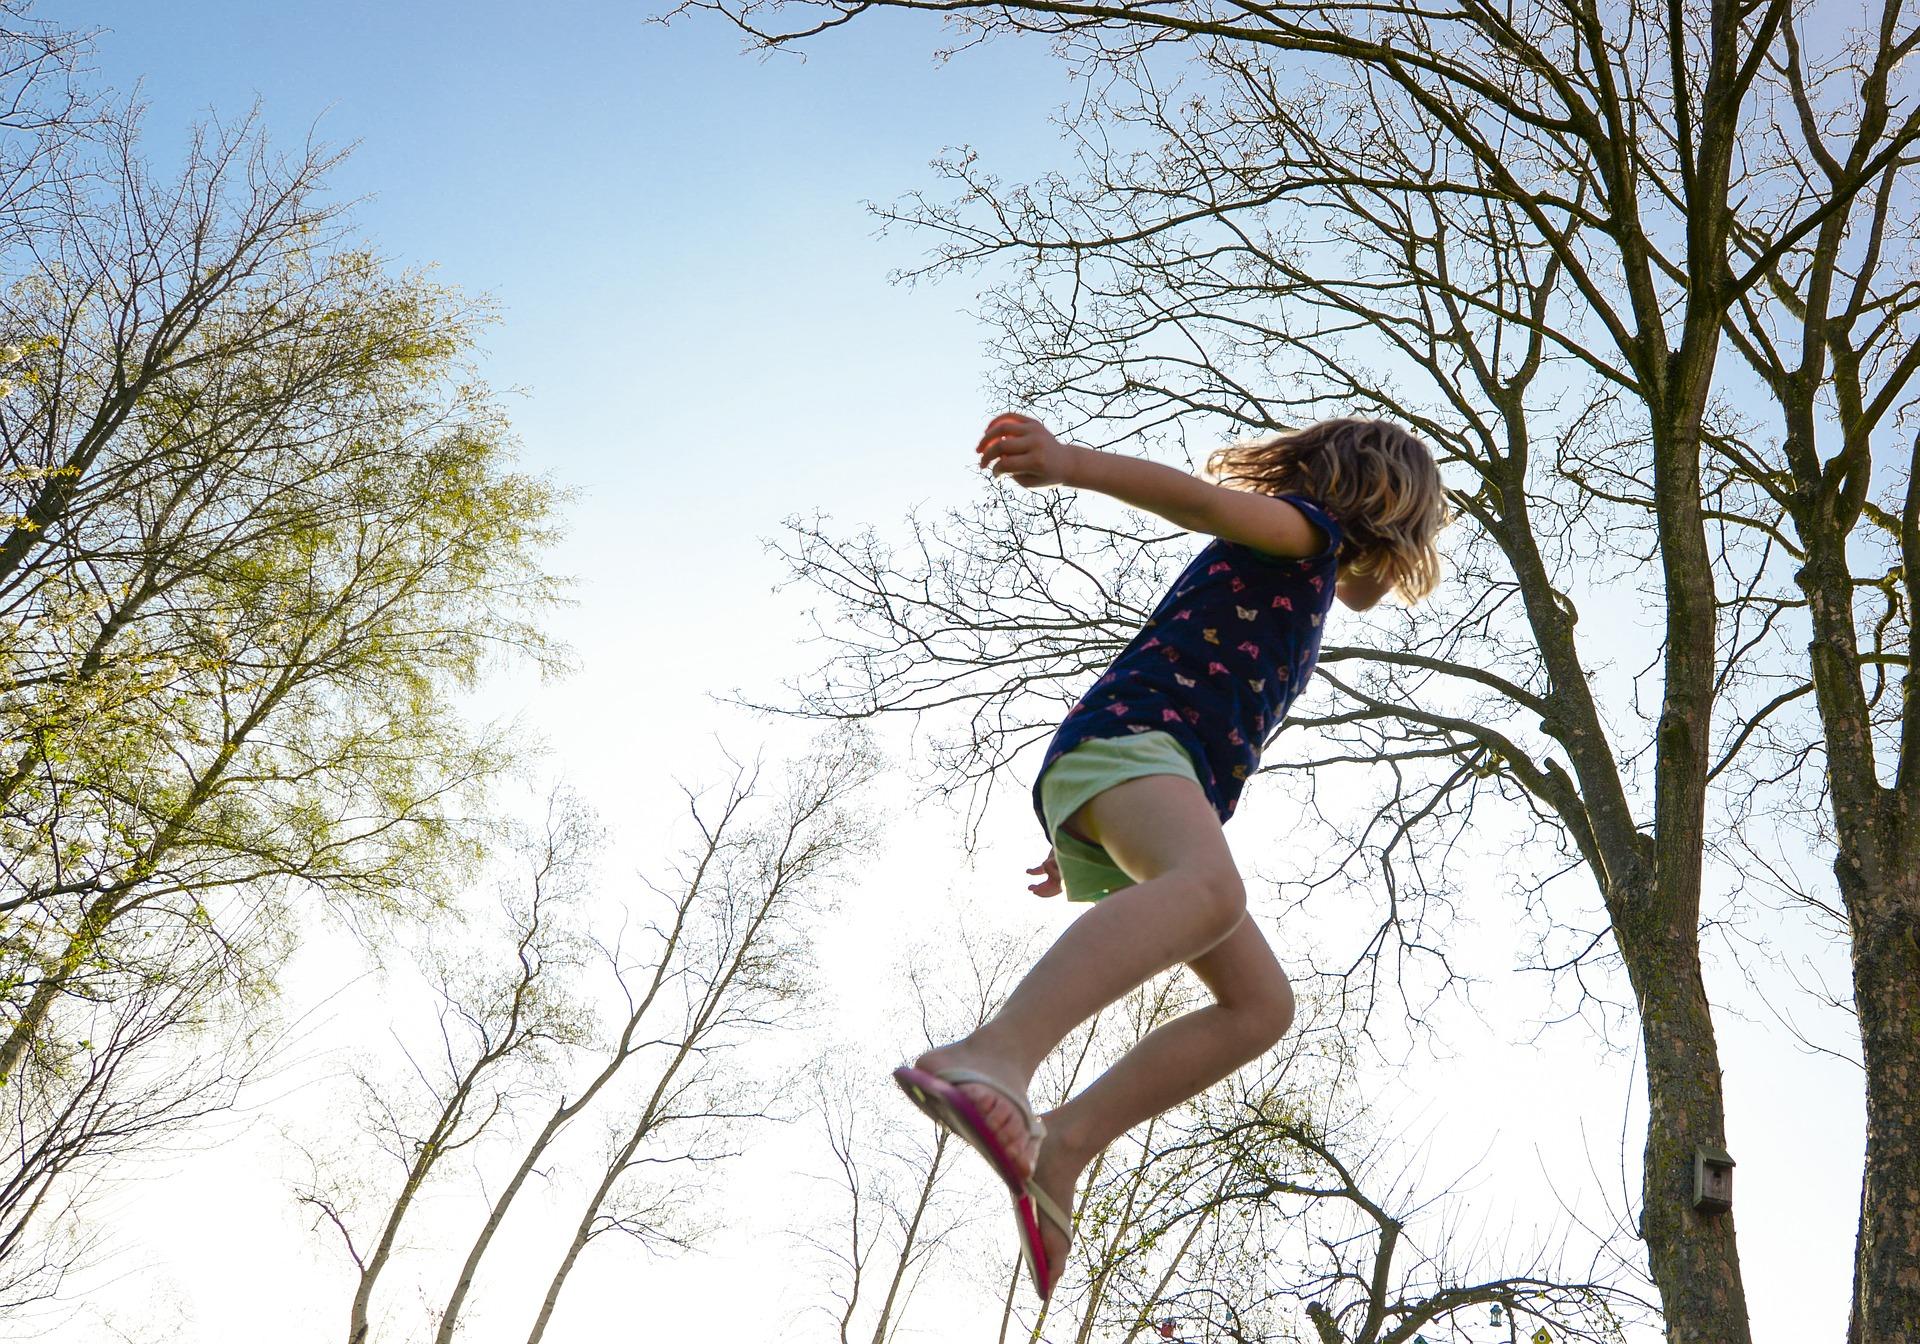 Grav din firkantede trampolin ned i haven